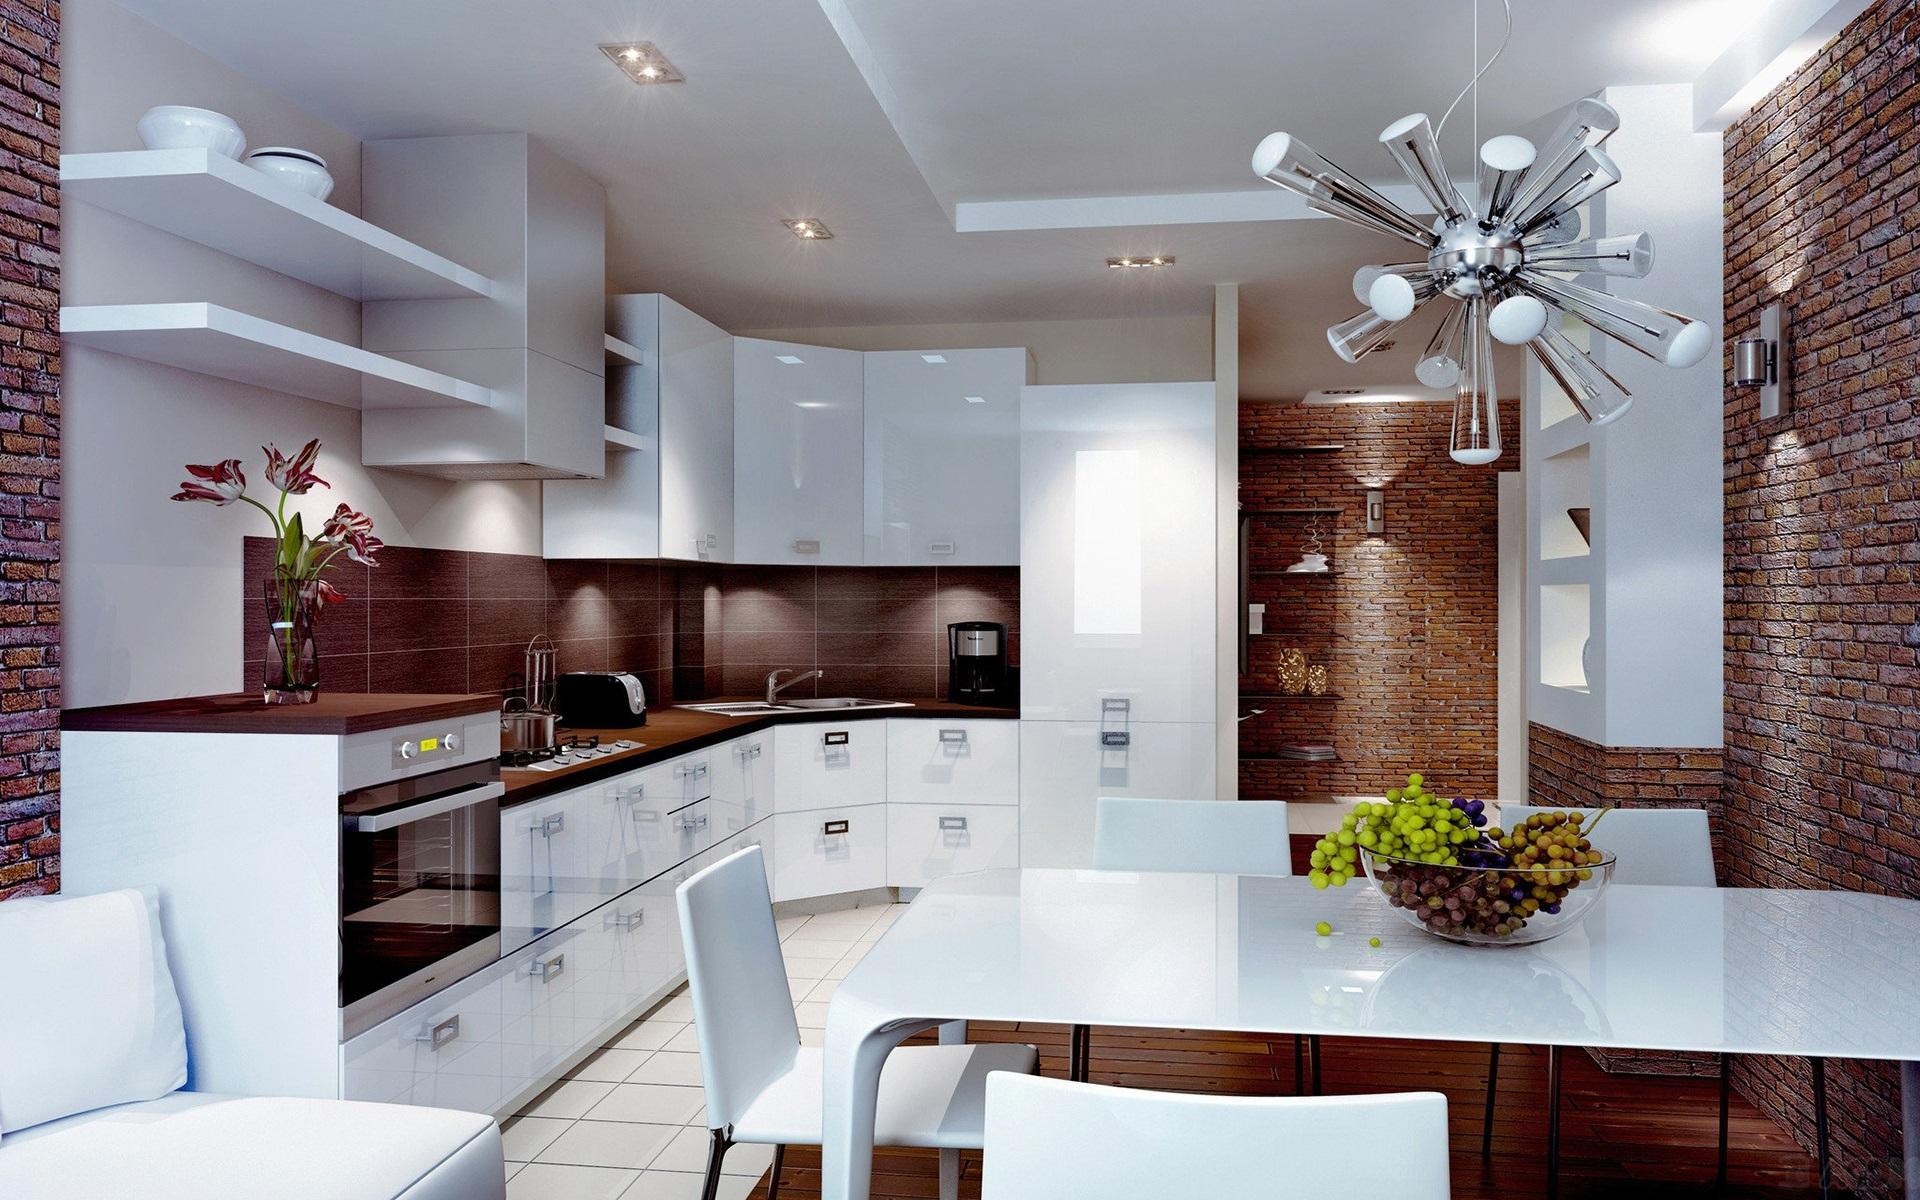 Küche, weißer Stil, Esszimmer, Interieur 1920x1200 HD ...